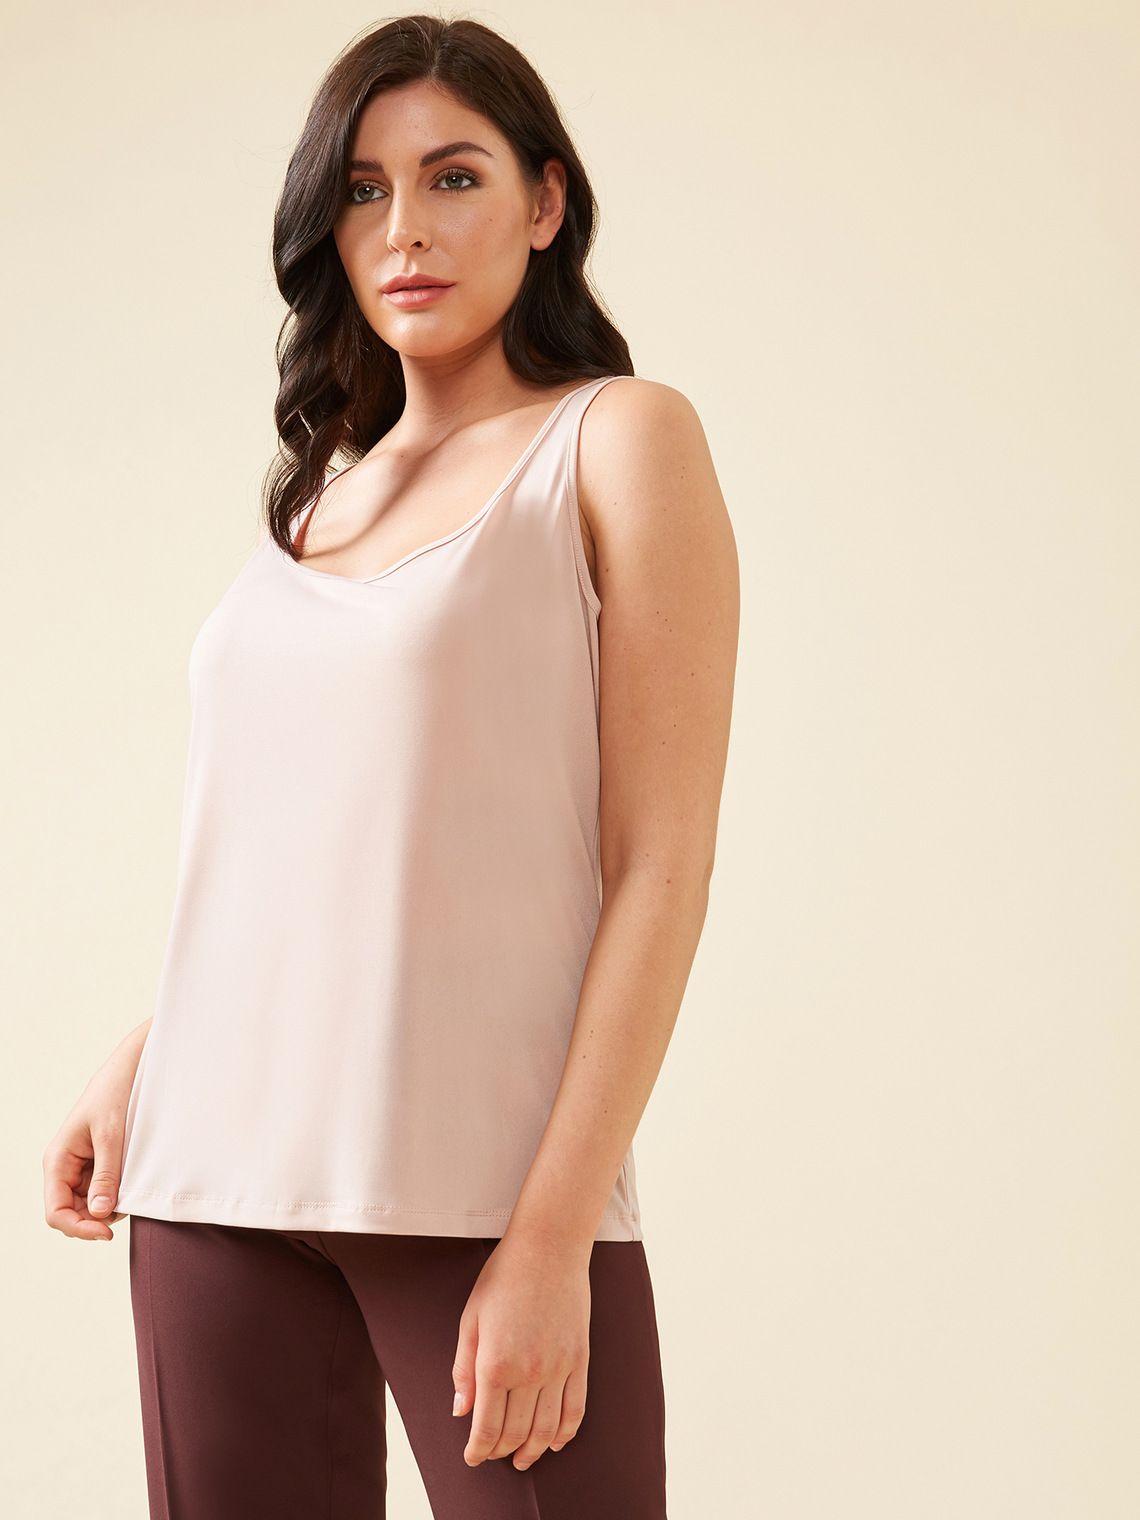 a23e1edd449 Купить женскую одежду больших размеров для полных женщин